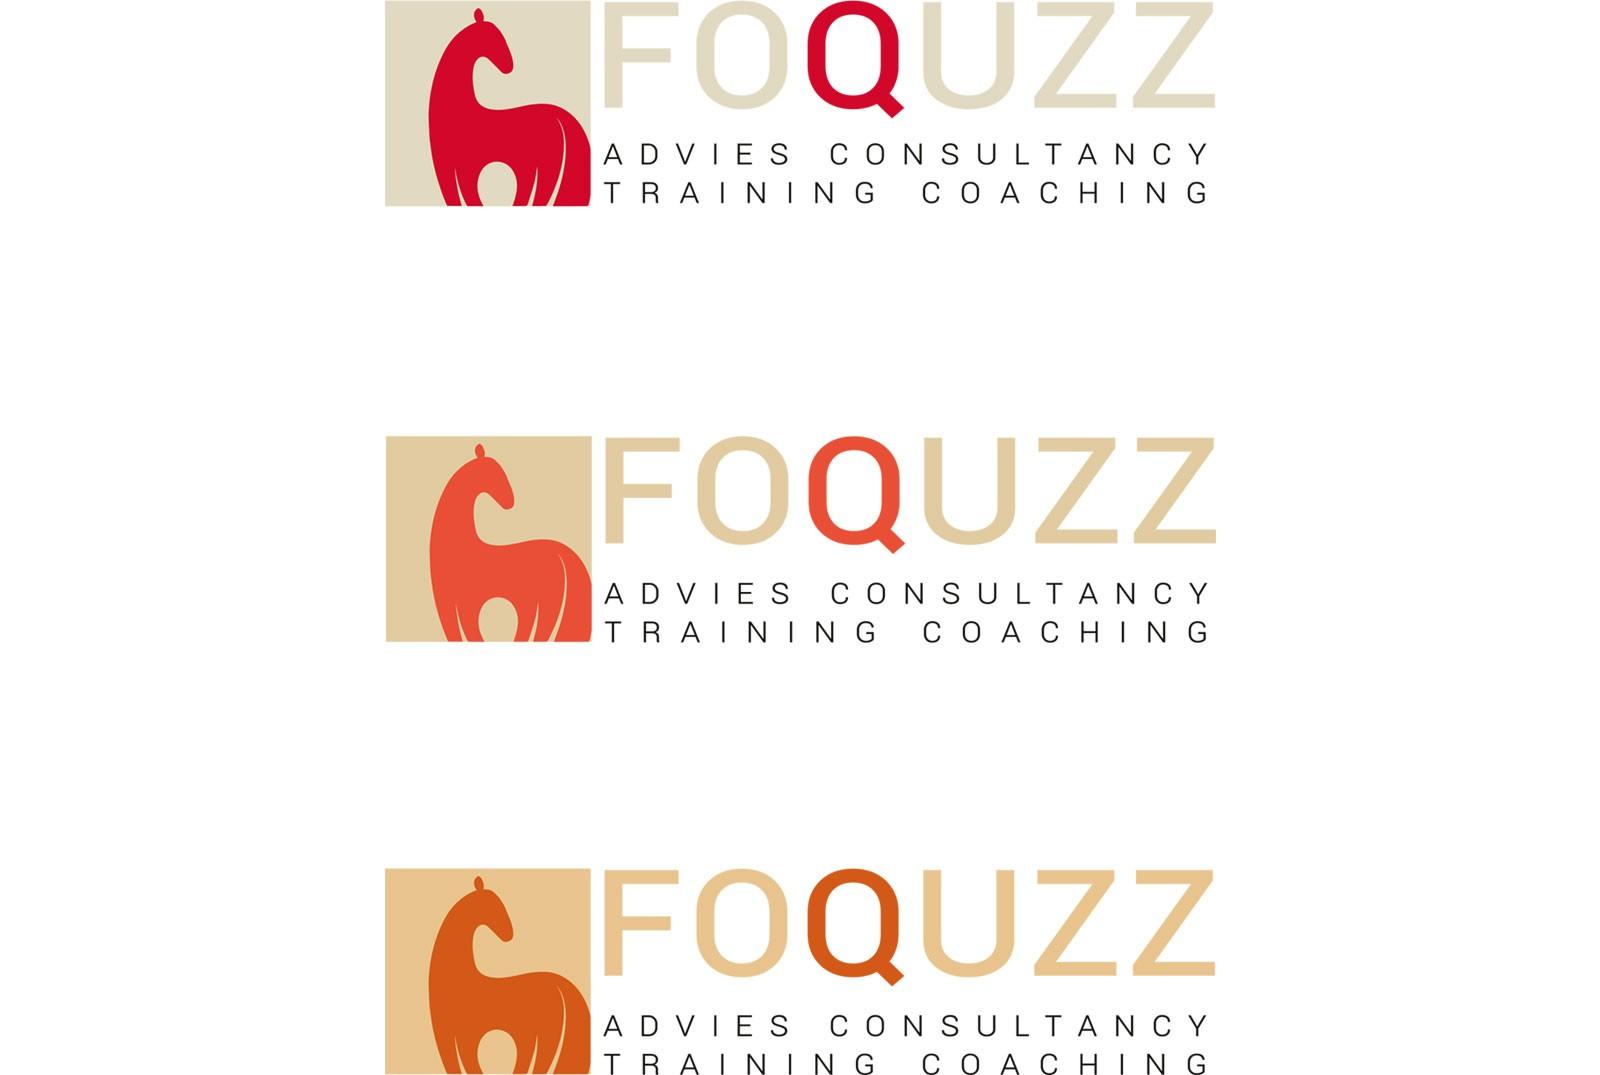 foquzz_logo_detailxy